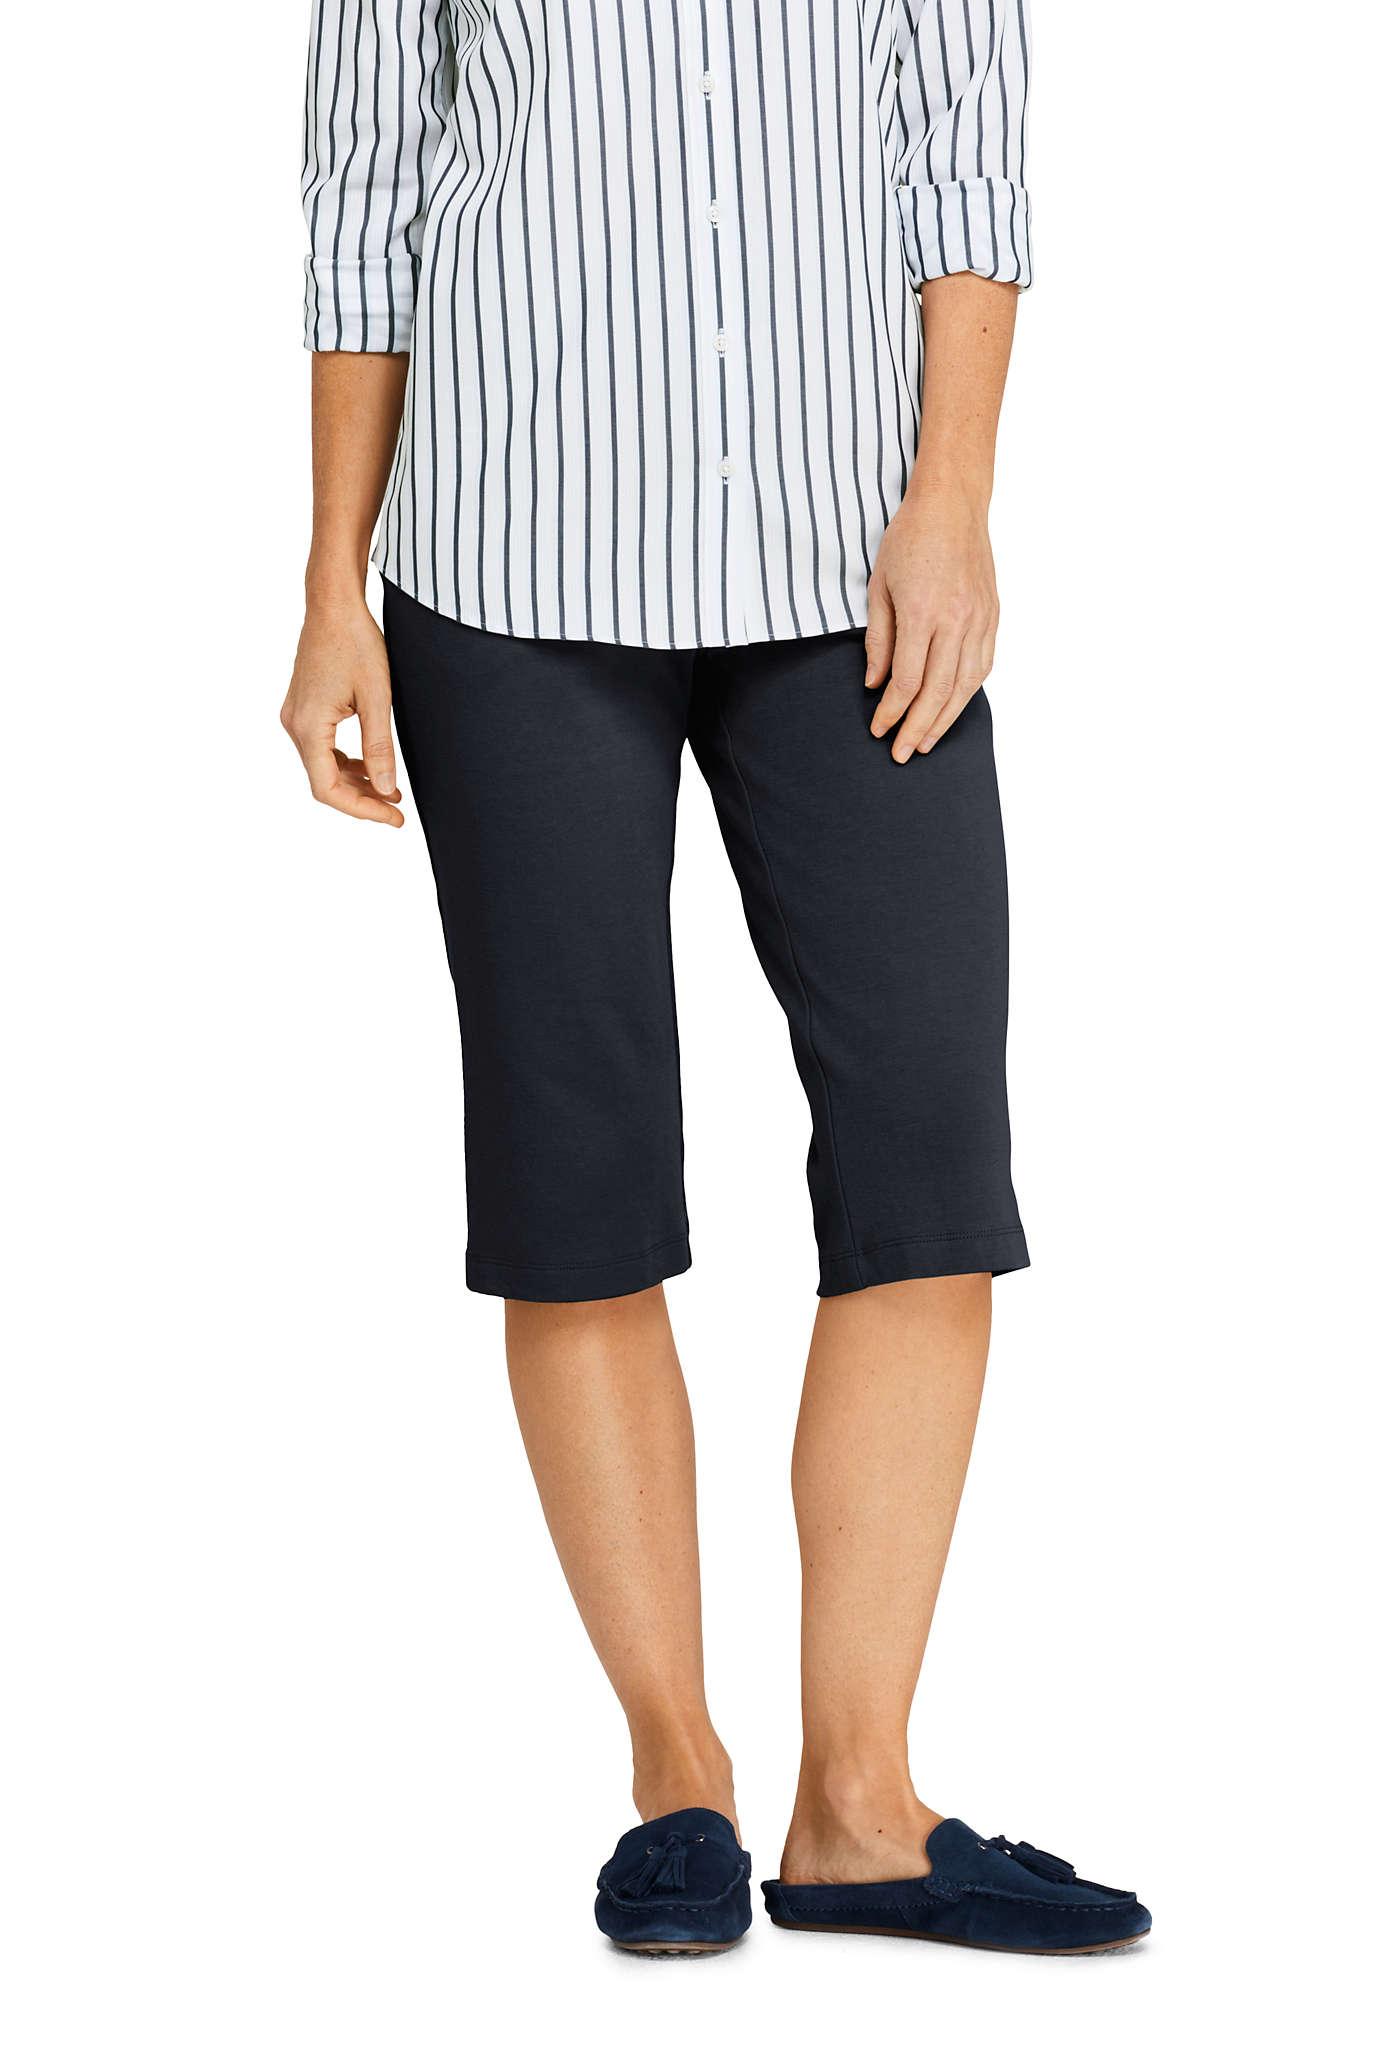 Women's Sport Knit Capri